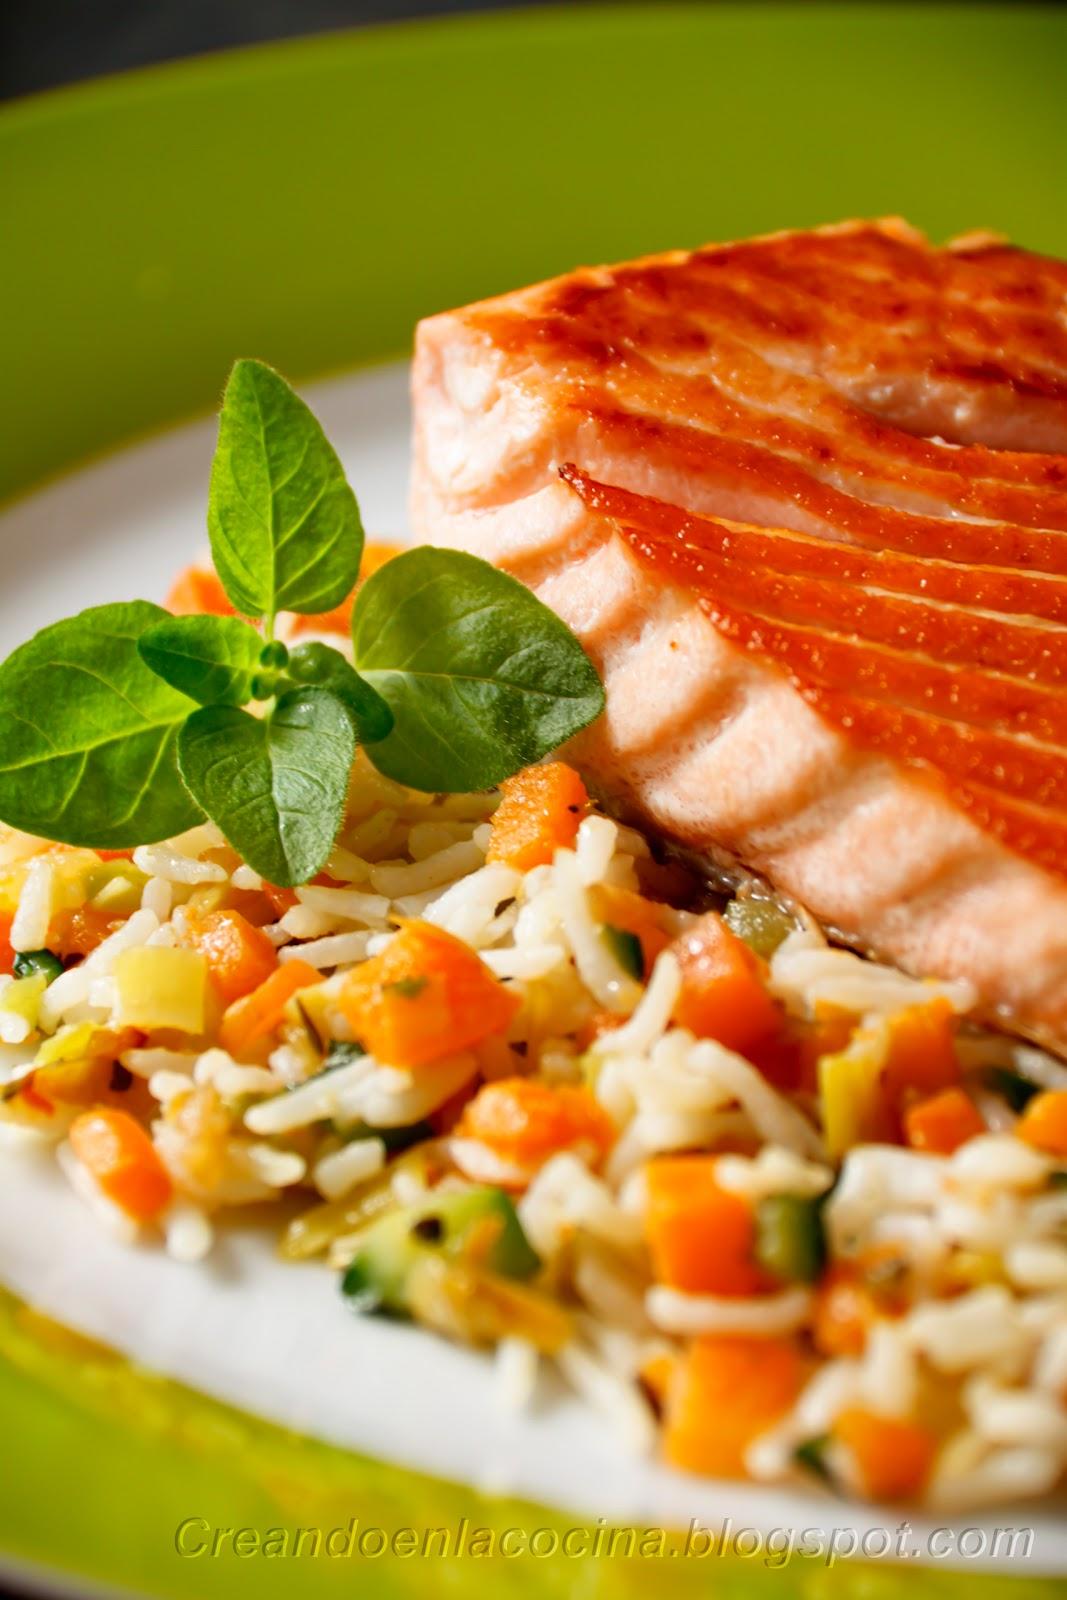 Creando en la cocina salm n a la plancha y arroz pilaf - Cocinar verduras para dieta ...